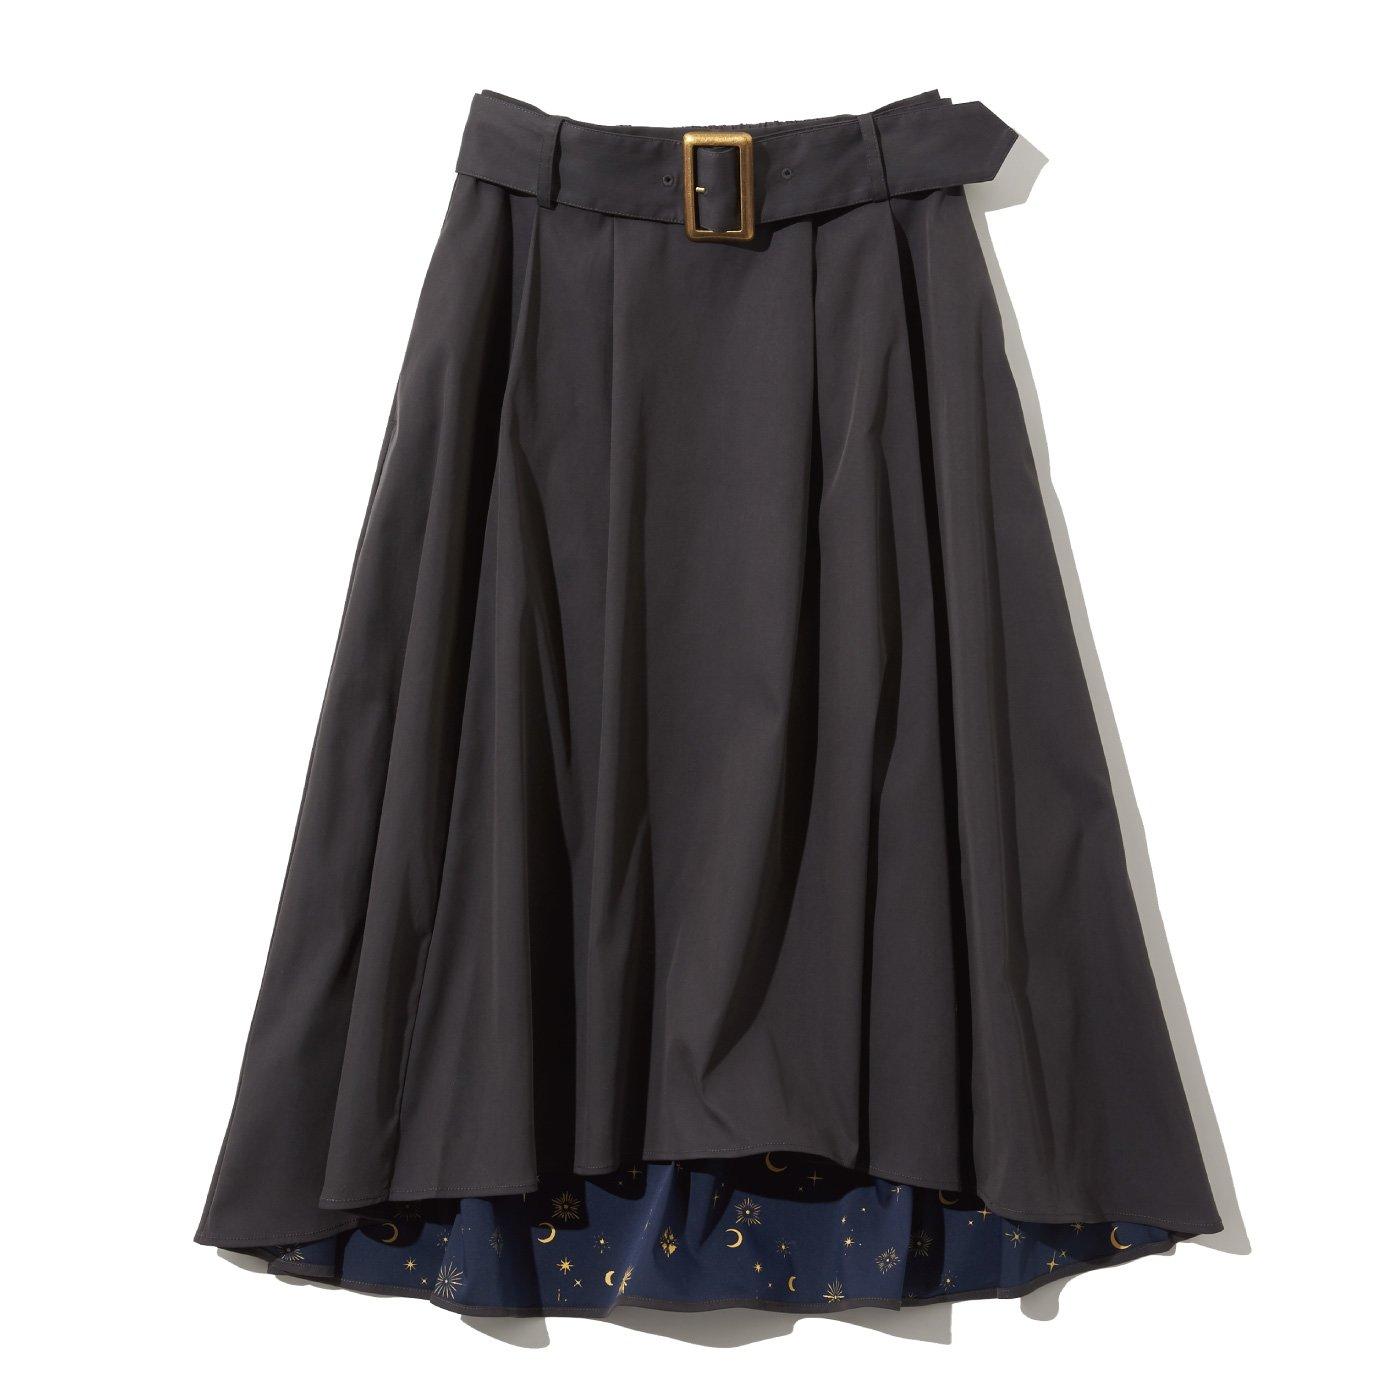 魔法部×fouatons 魔法少女は一歩踏み出す 夜空のきらめきスカート